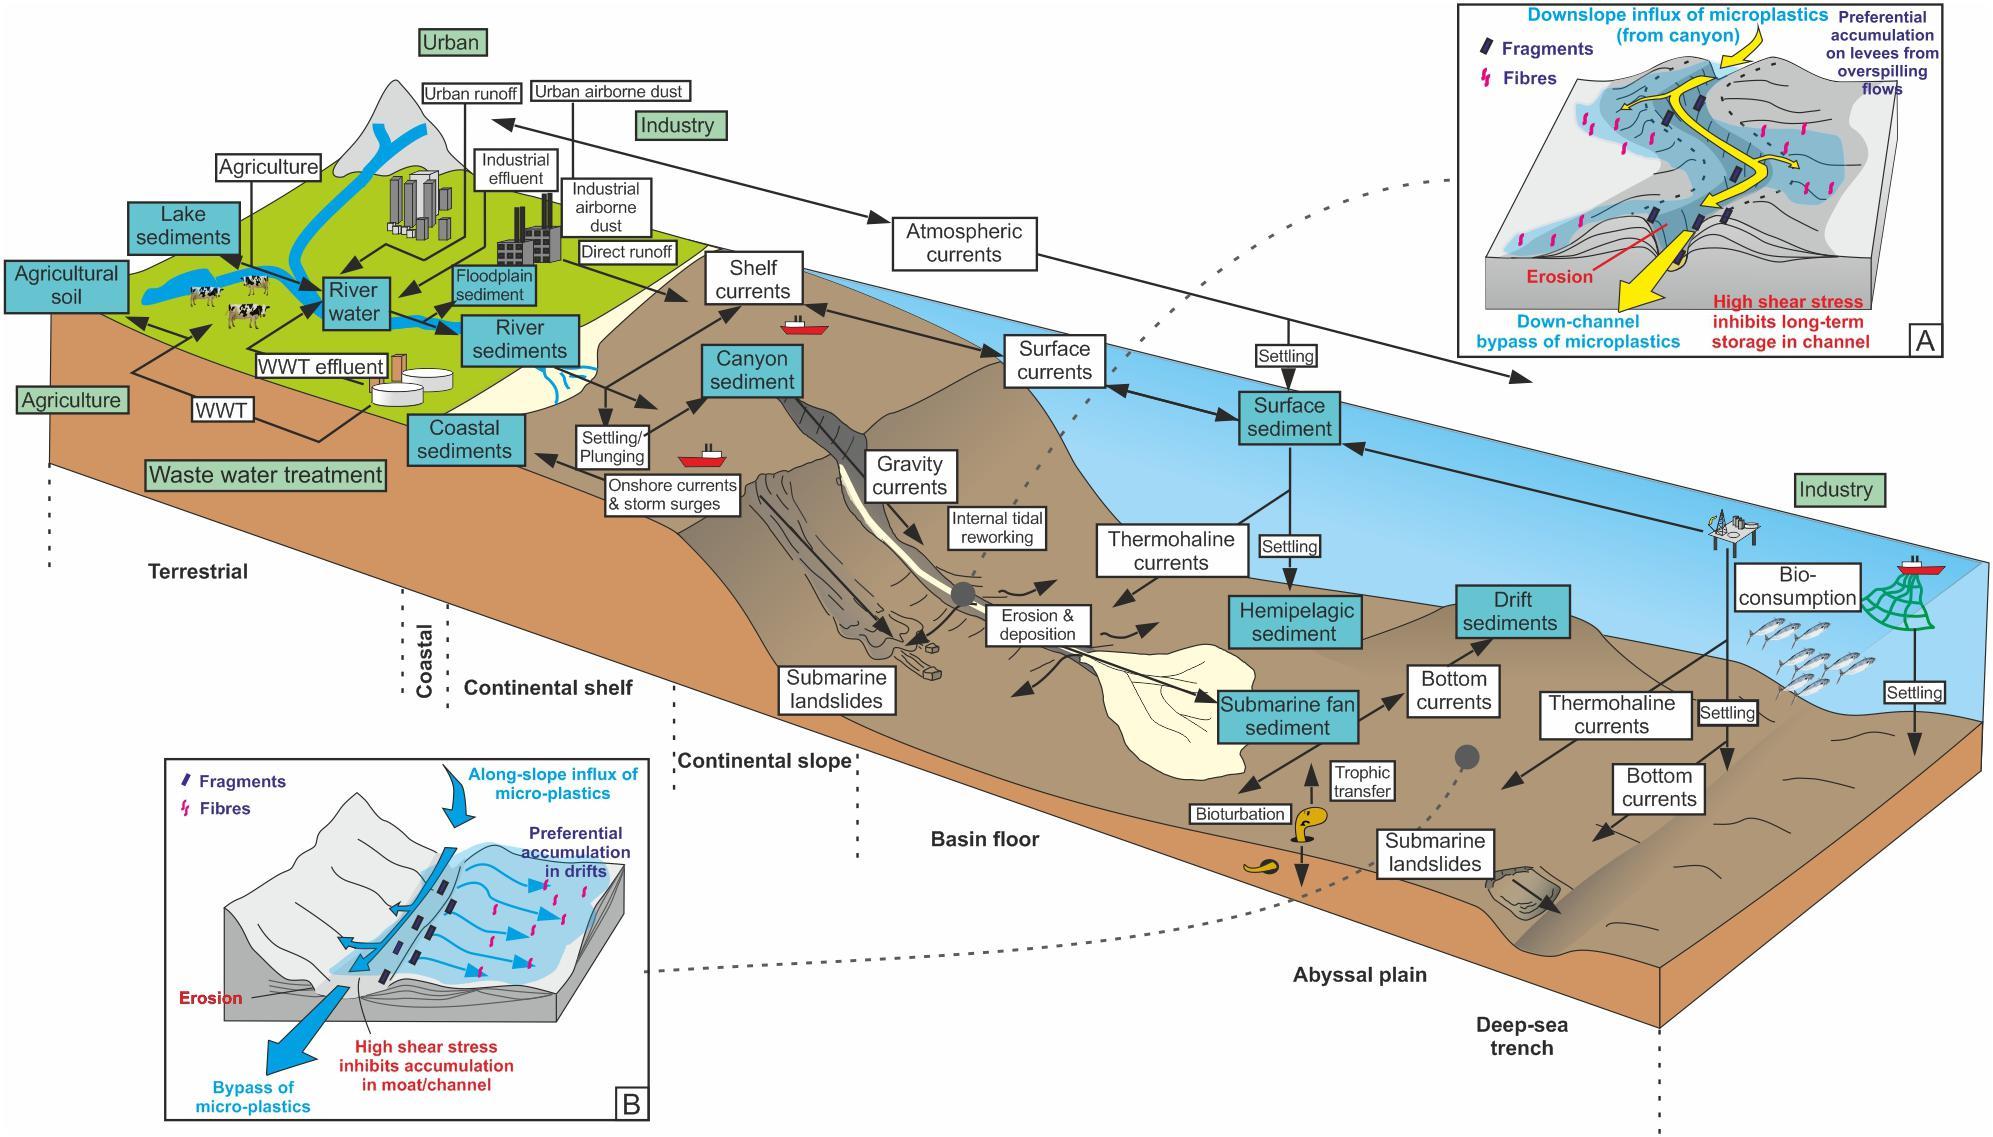 Microplastics accumulate in hotspots